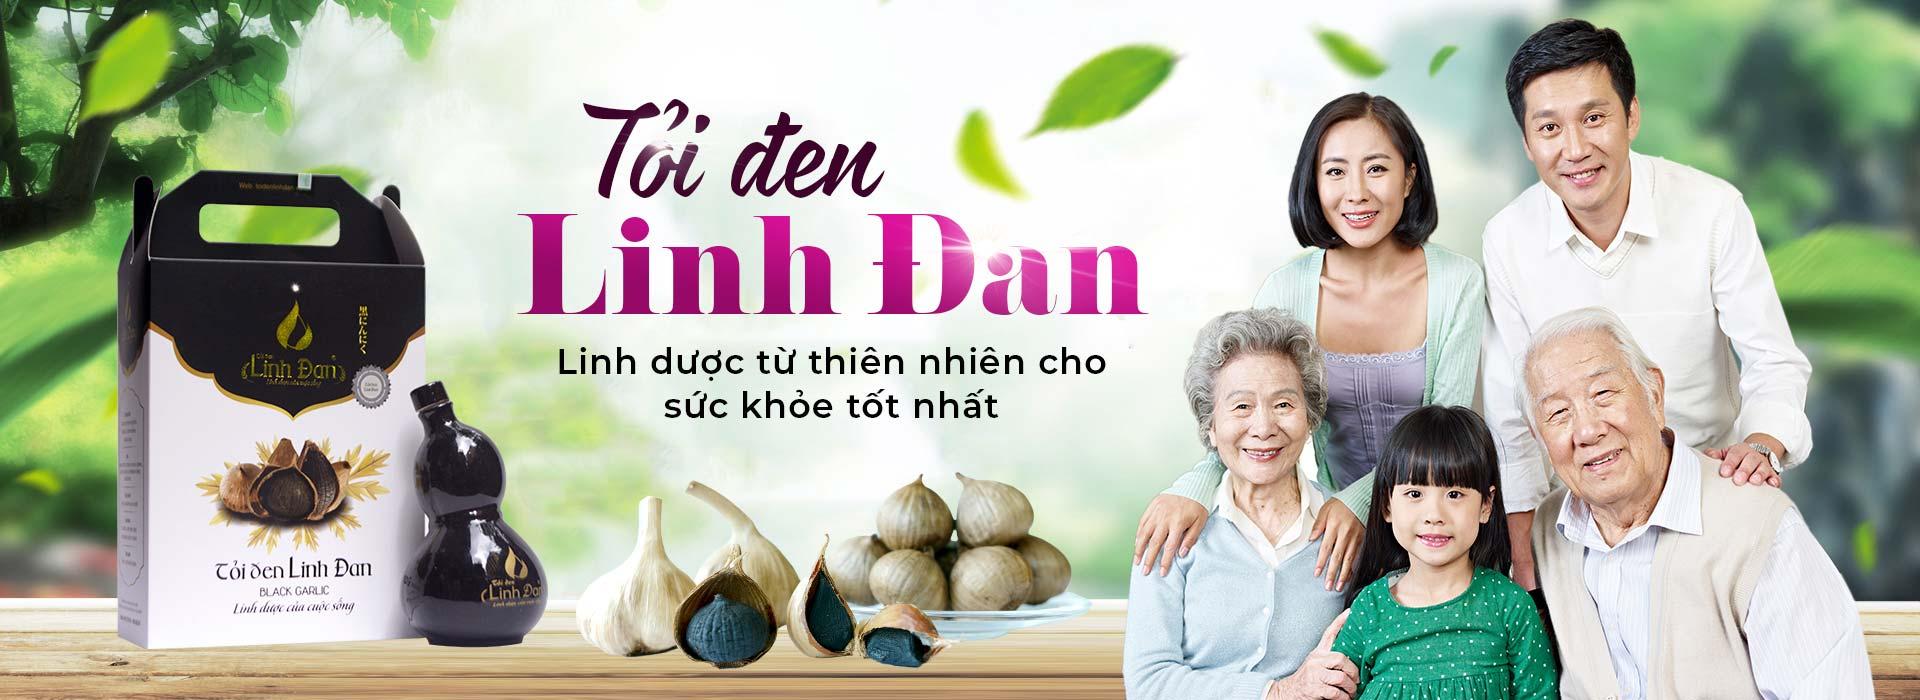 toi-den-linh-dan-bg-01-fix